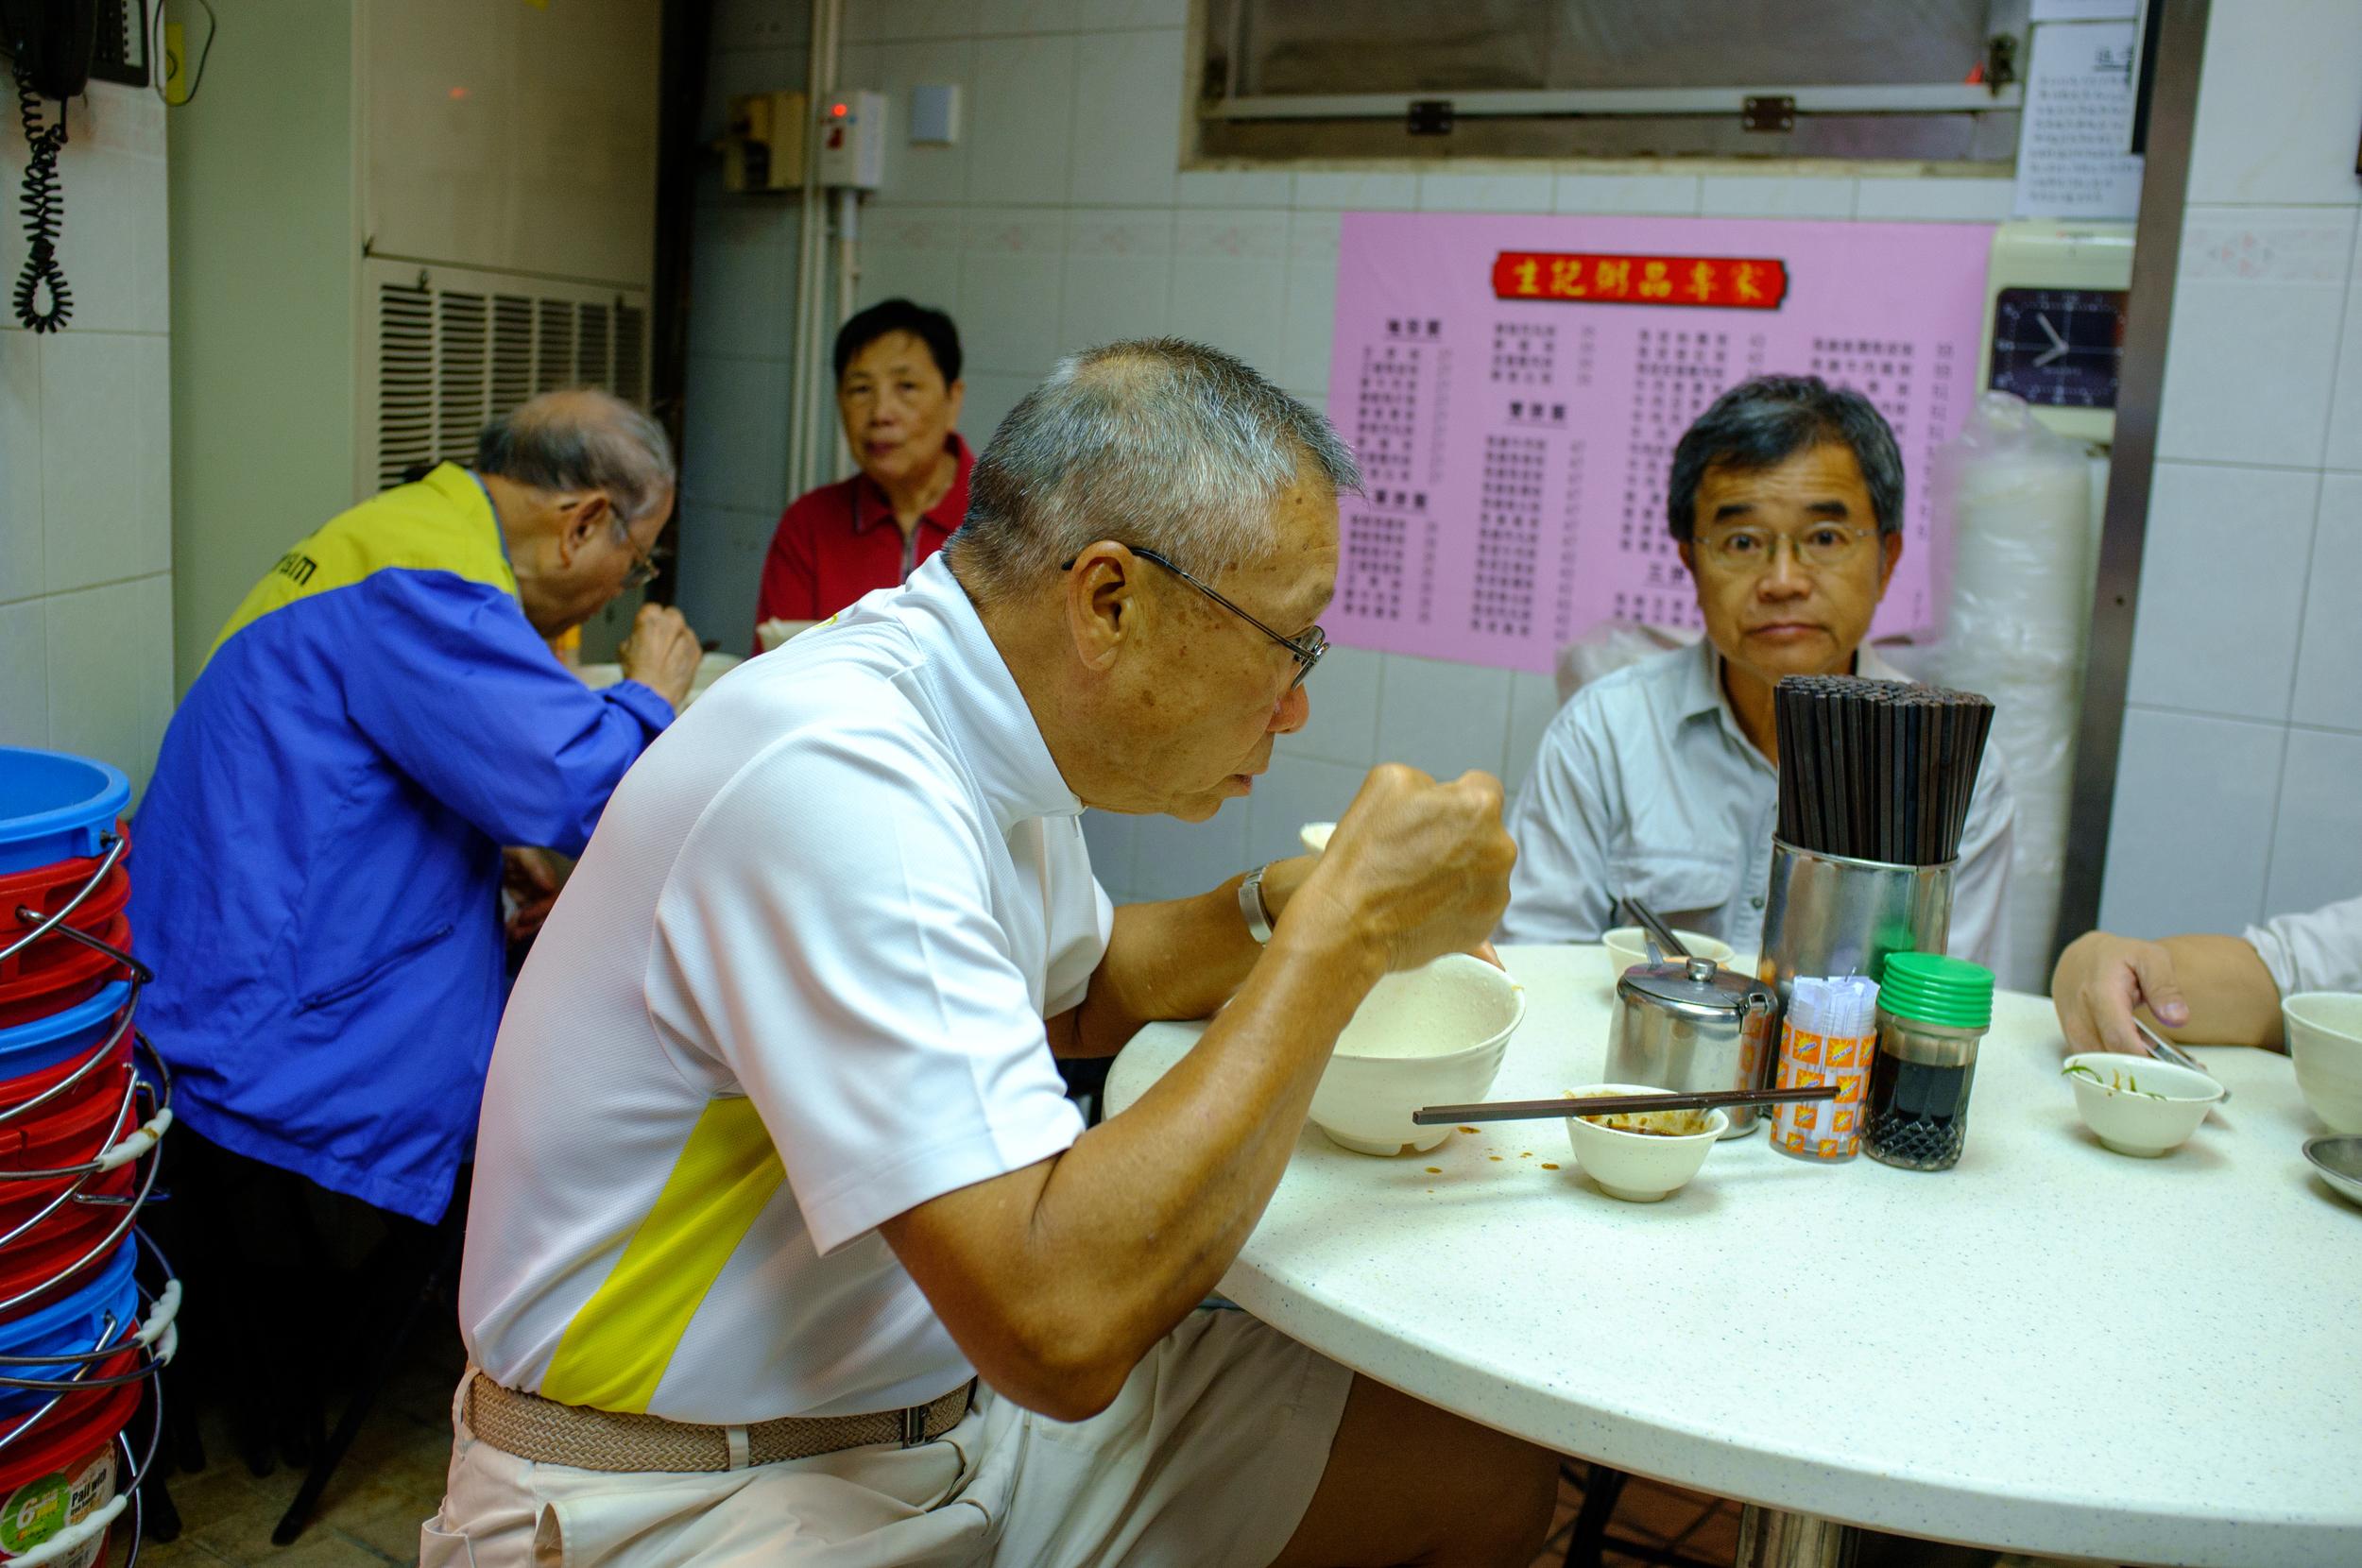 The regulars at Sang Kee